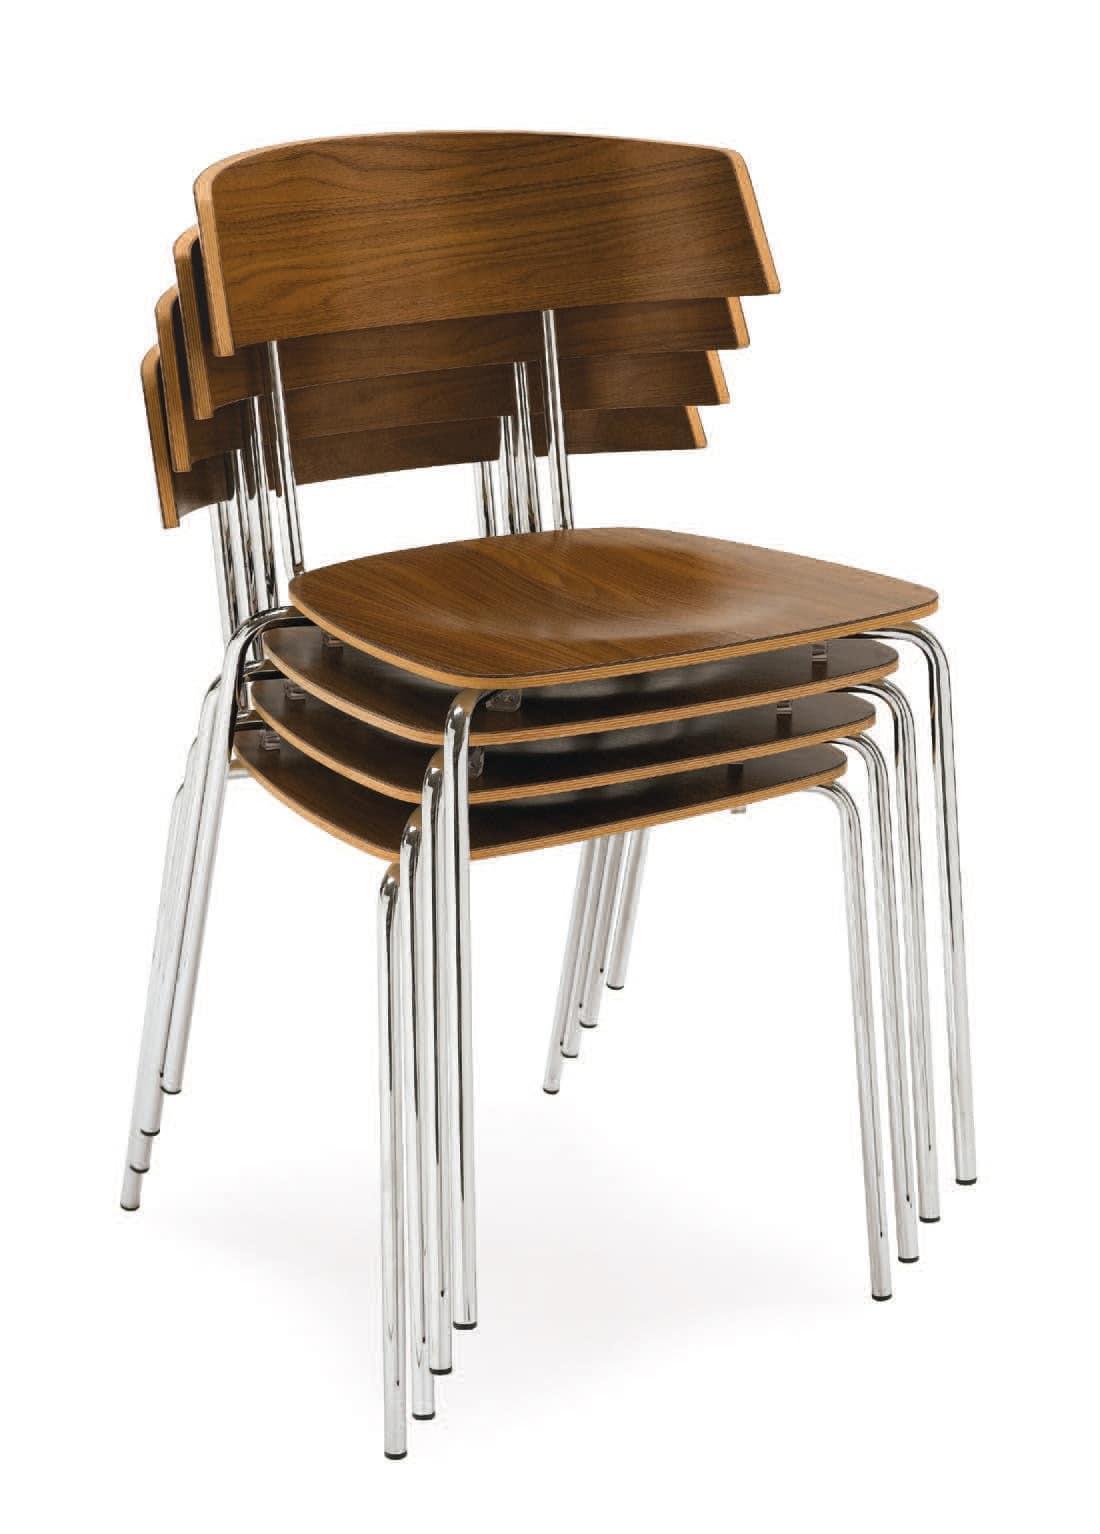 SE 1324, Sedia con gambe in metallo, seduta e schienale in laminato